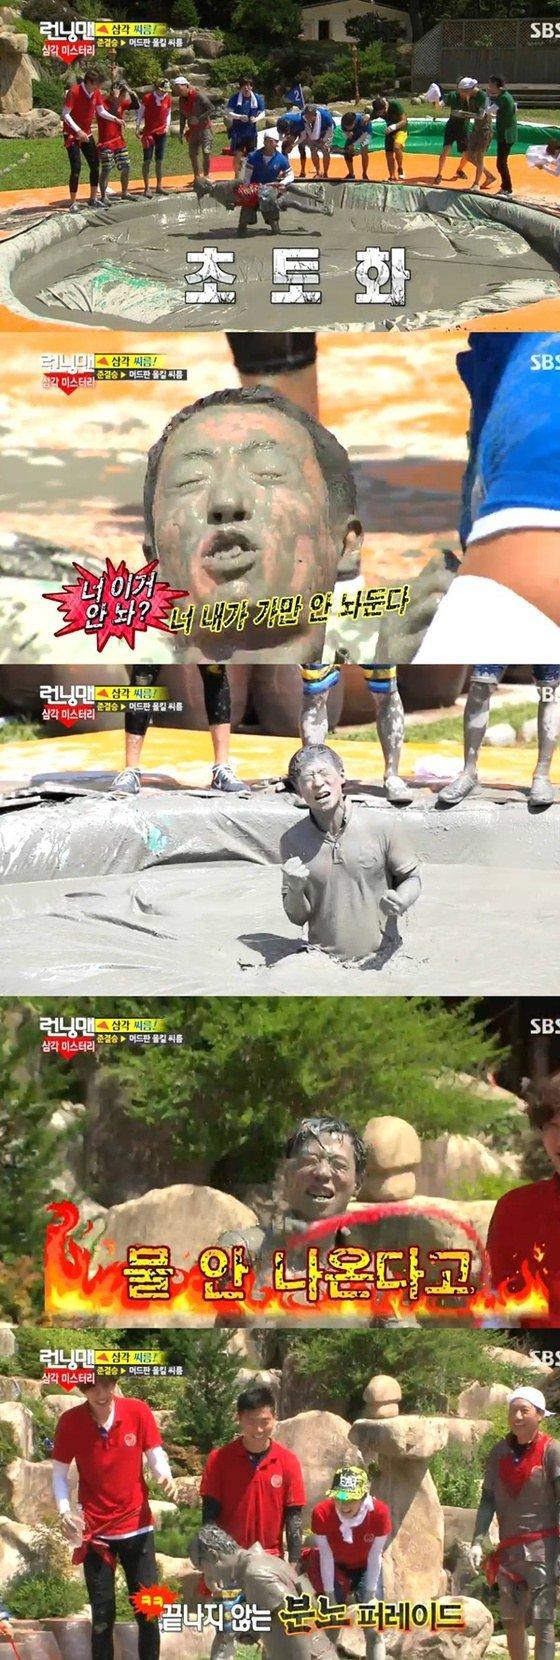 2014.08.18_yoo jae suk running man